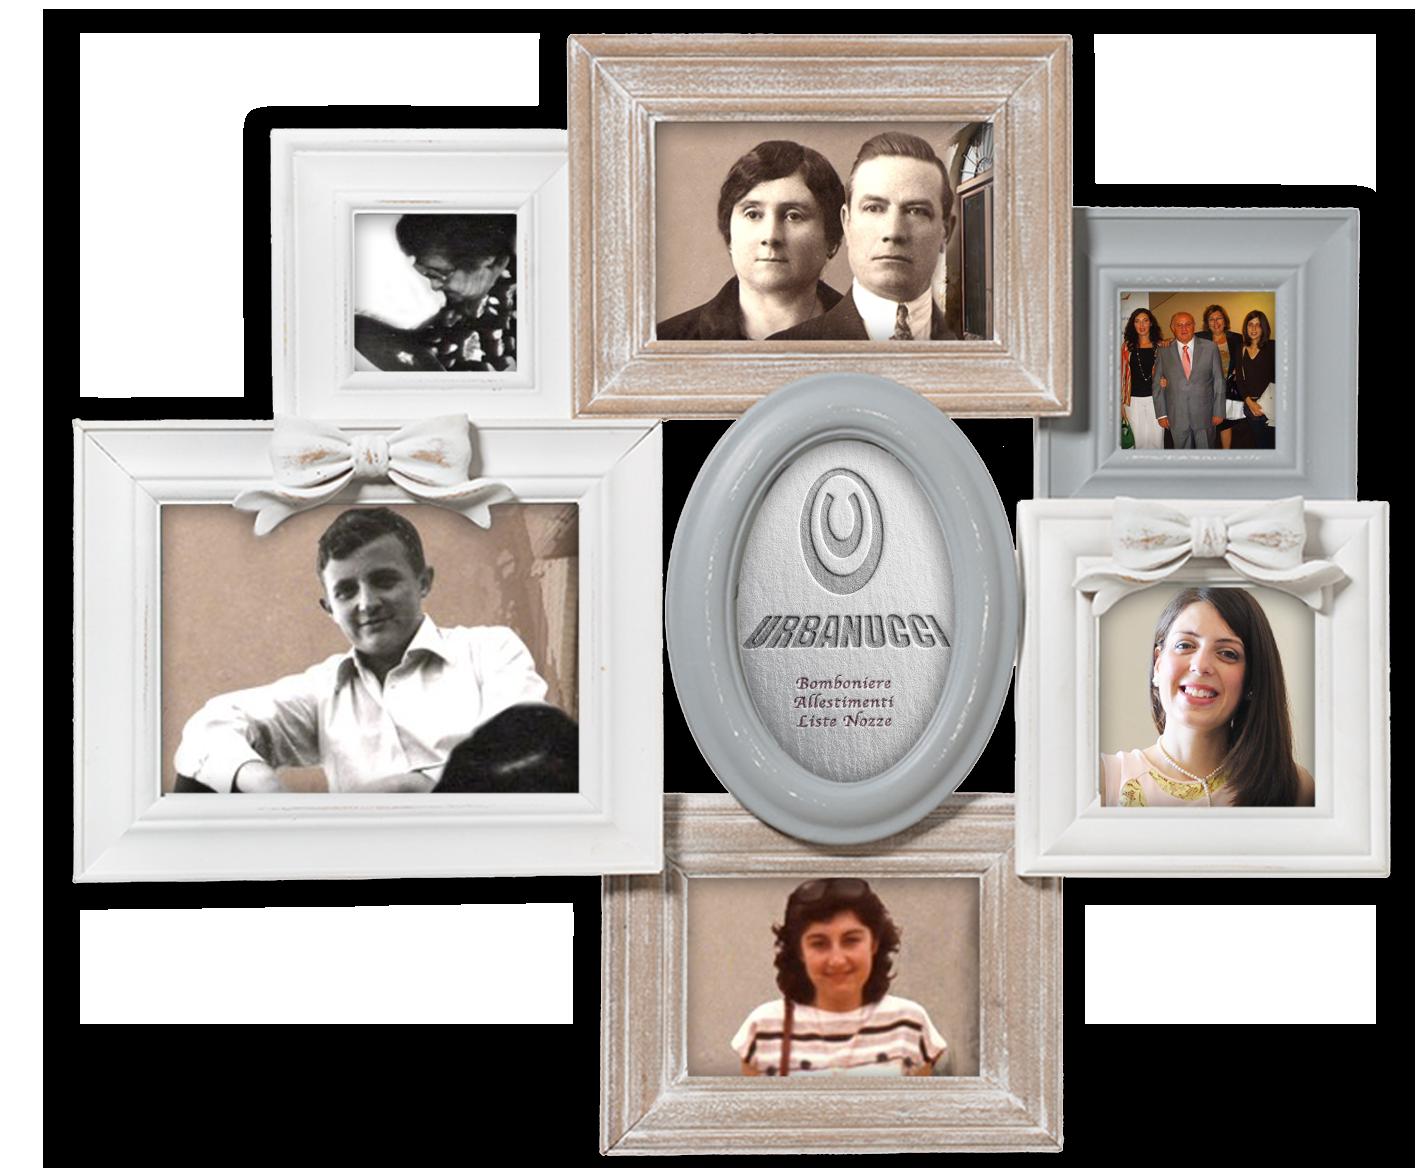 La famiglia e la storia di Urbanucci